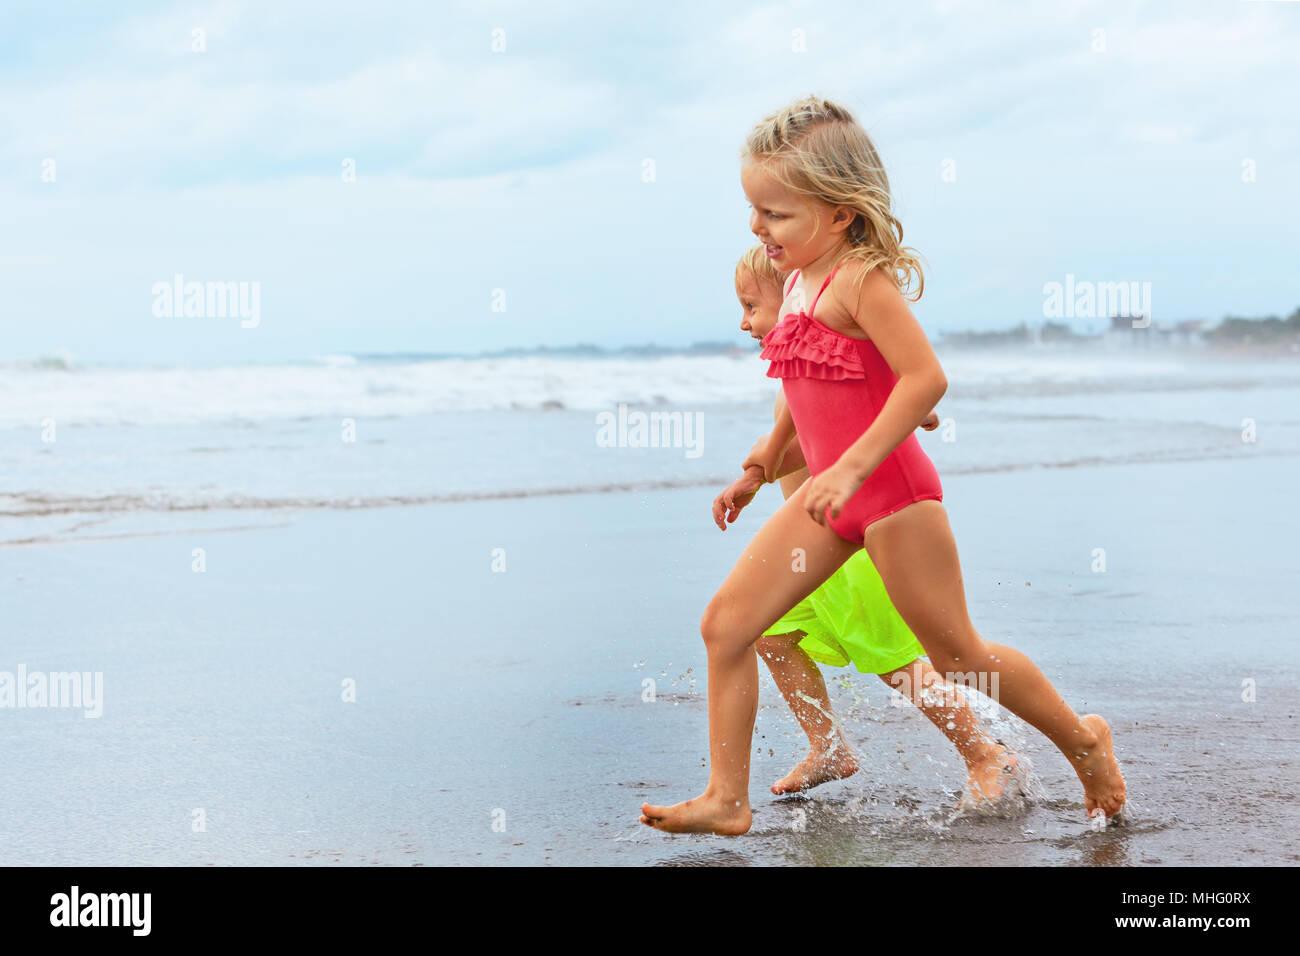 Felice a piedi nudi i bambini a divertirsi sulla spiaggia al tramonto a piedi. Gestito da una piscina di acqua di mare lungo il surf e salto. Viaggio di famiglia lifestyle, nuoto Immagini Stock